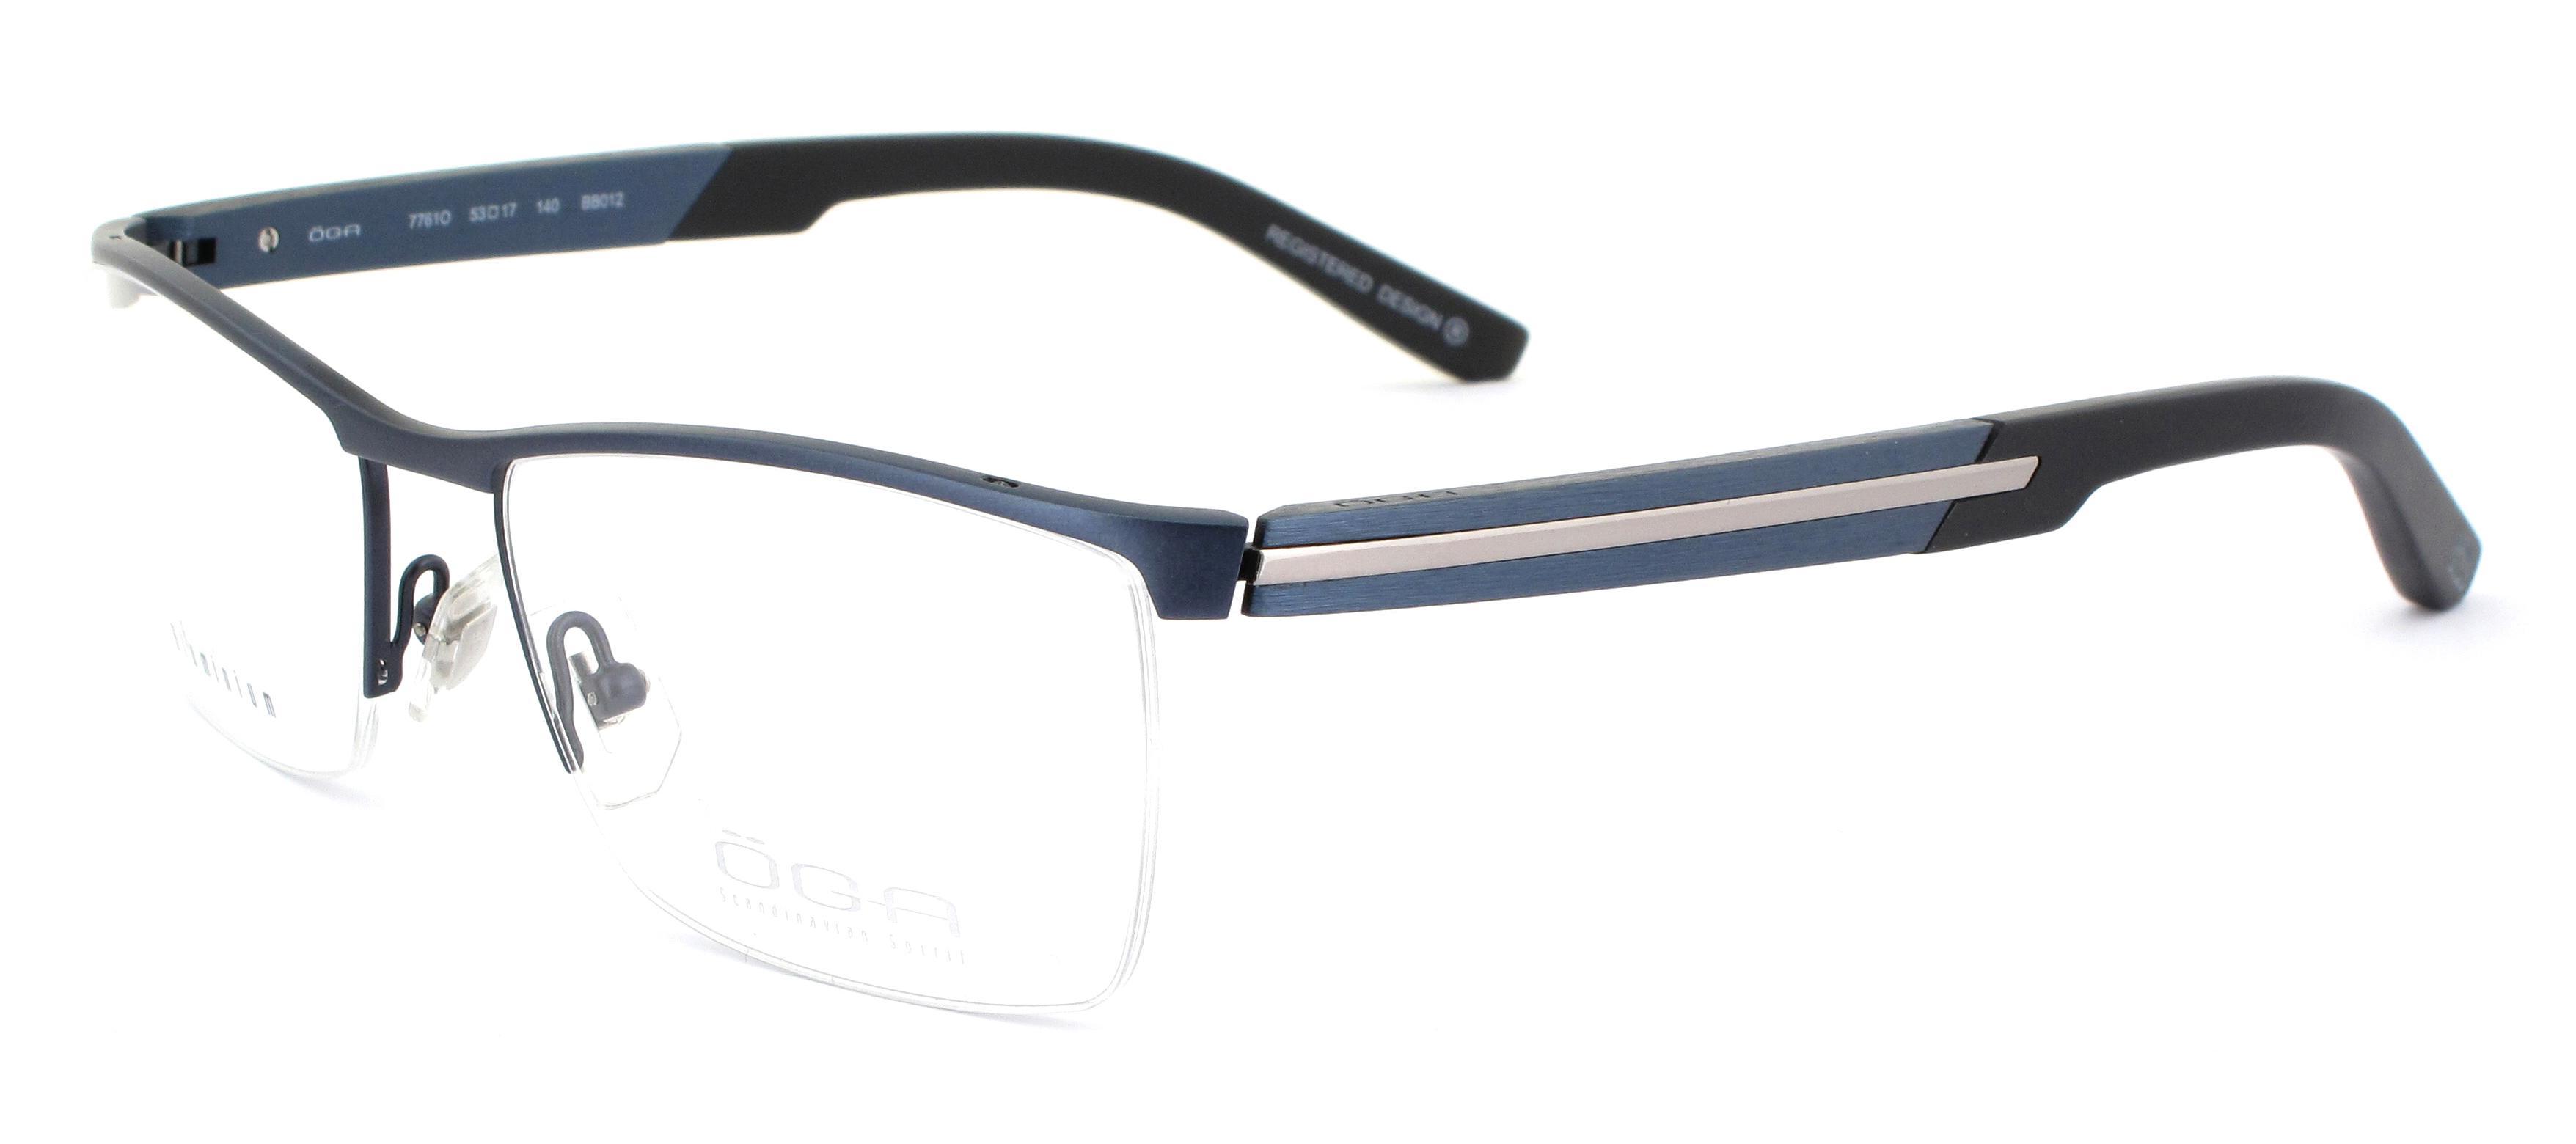 BB012 7761O TANGER 1 Glasses, ÖGA Scandinavian Spirit